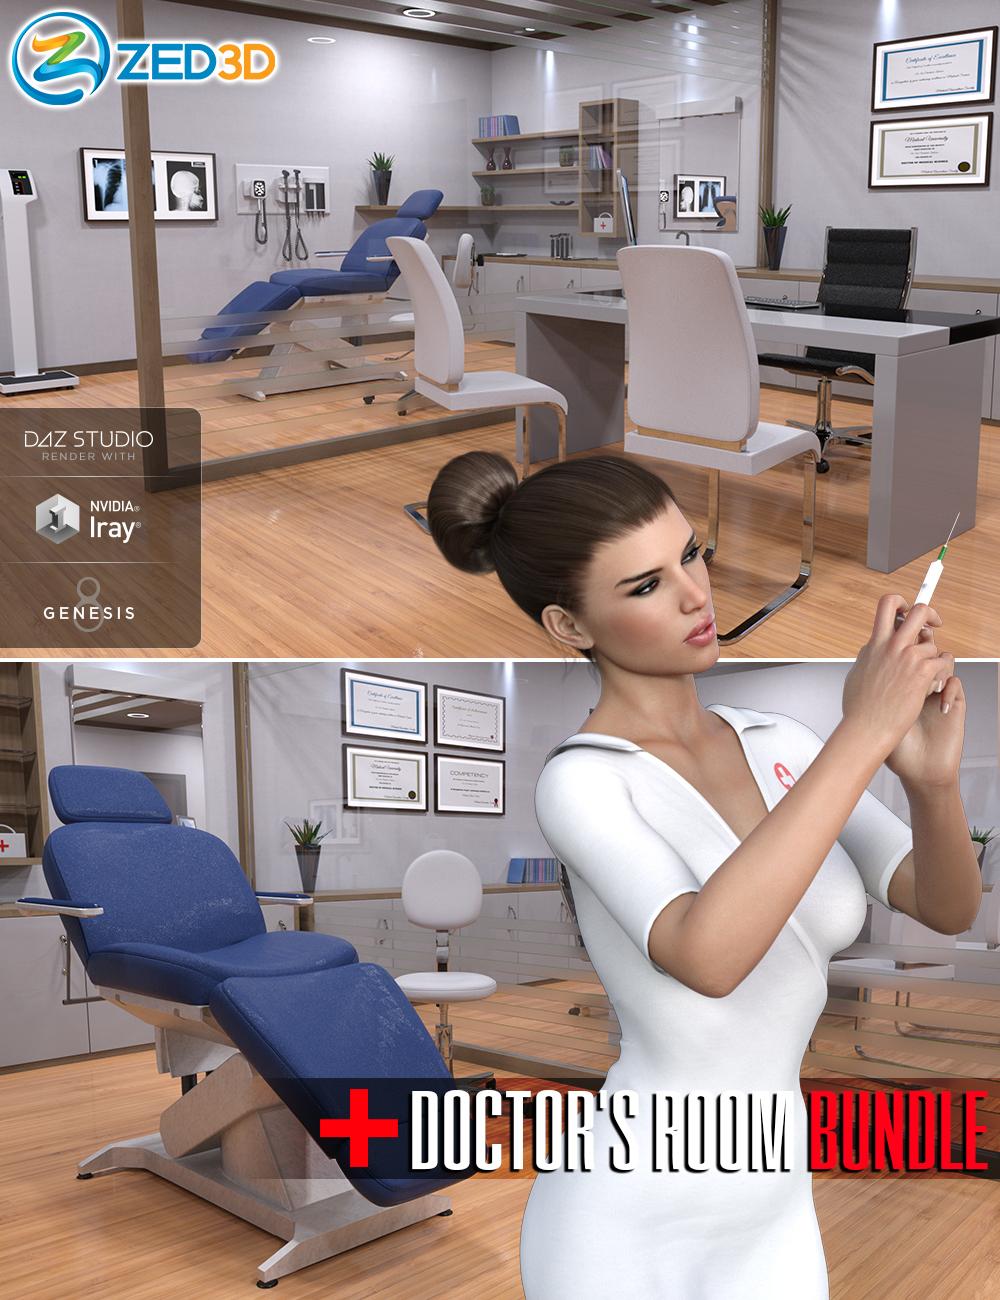 Z Doctor's Room Bundle by: Zeddicuss, 3D Models by Daz 3D